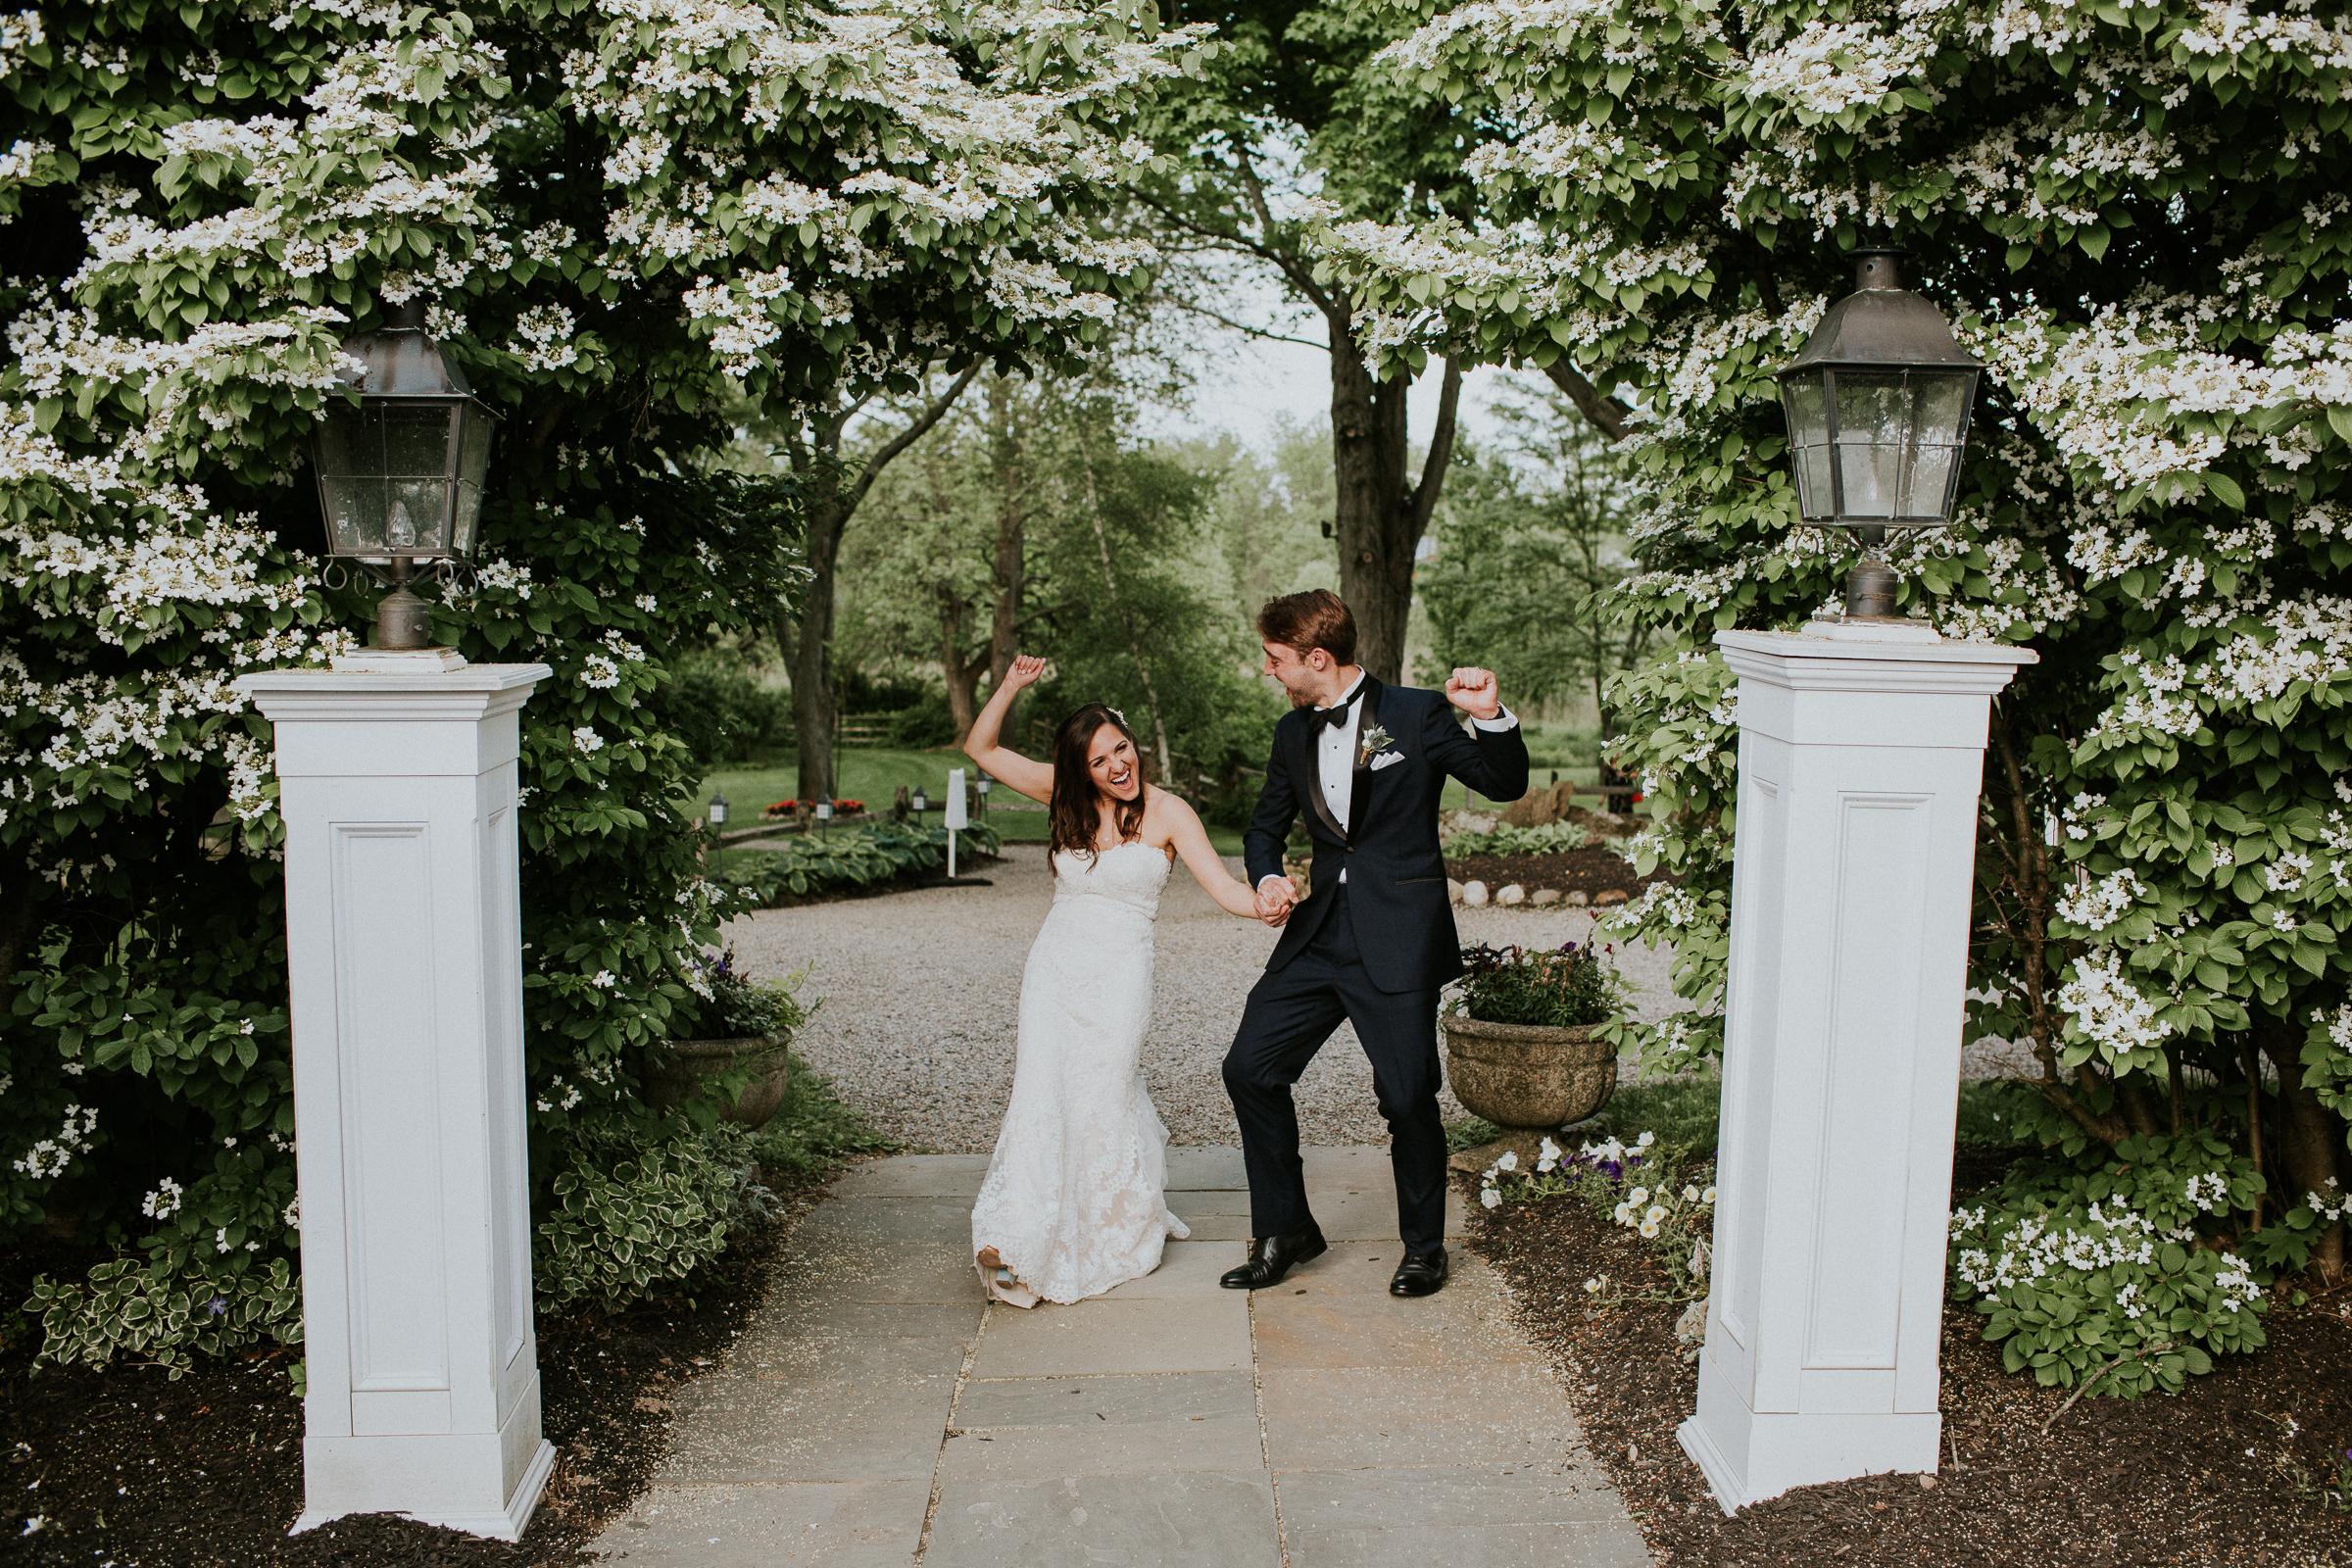 Crossed-Keys-Estate-Andover-NJ-Fine-Art-Documentary-Wedding-Photographer-116.jpg